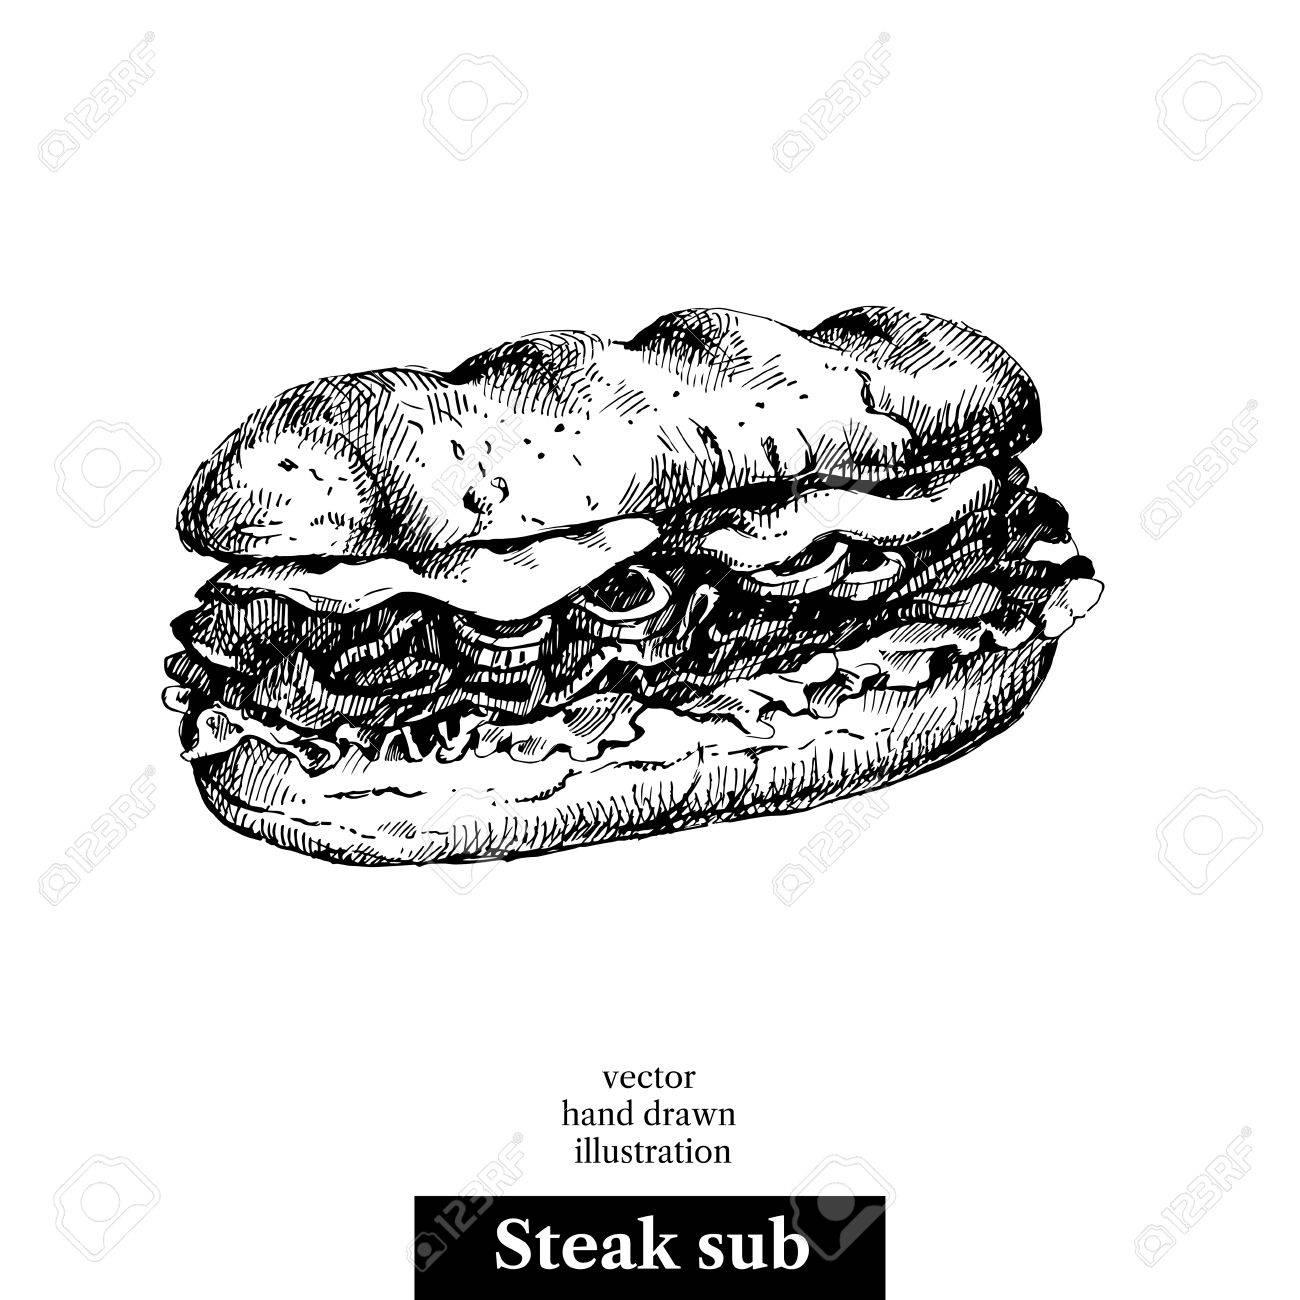 1300x1300 Drawing Of A Sandwich Hand Drawn Sketch Steak Sub Sandwich Royalty